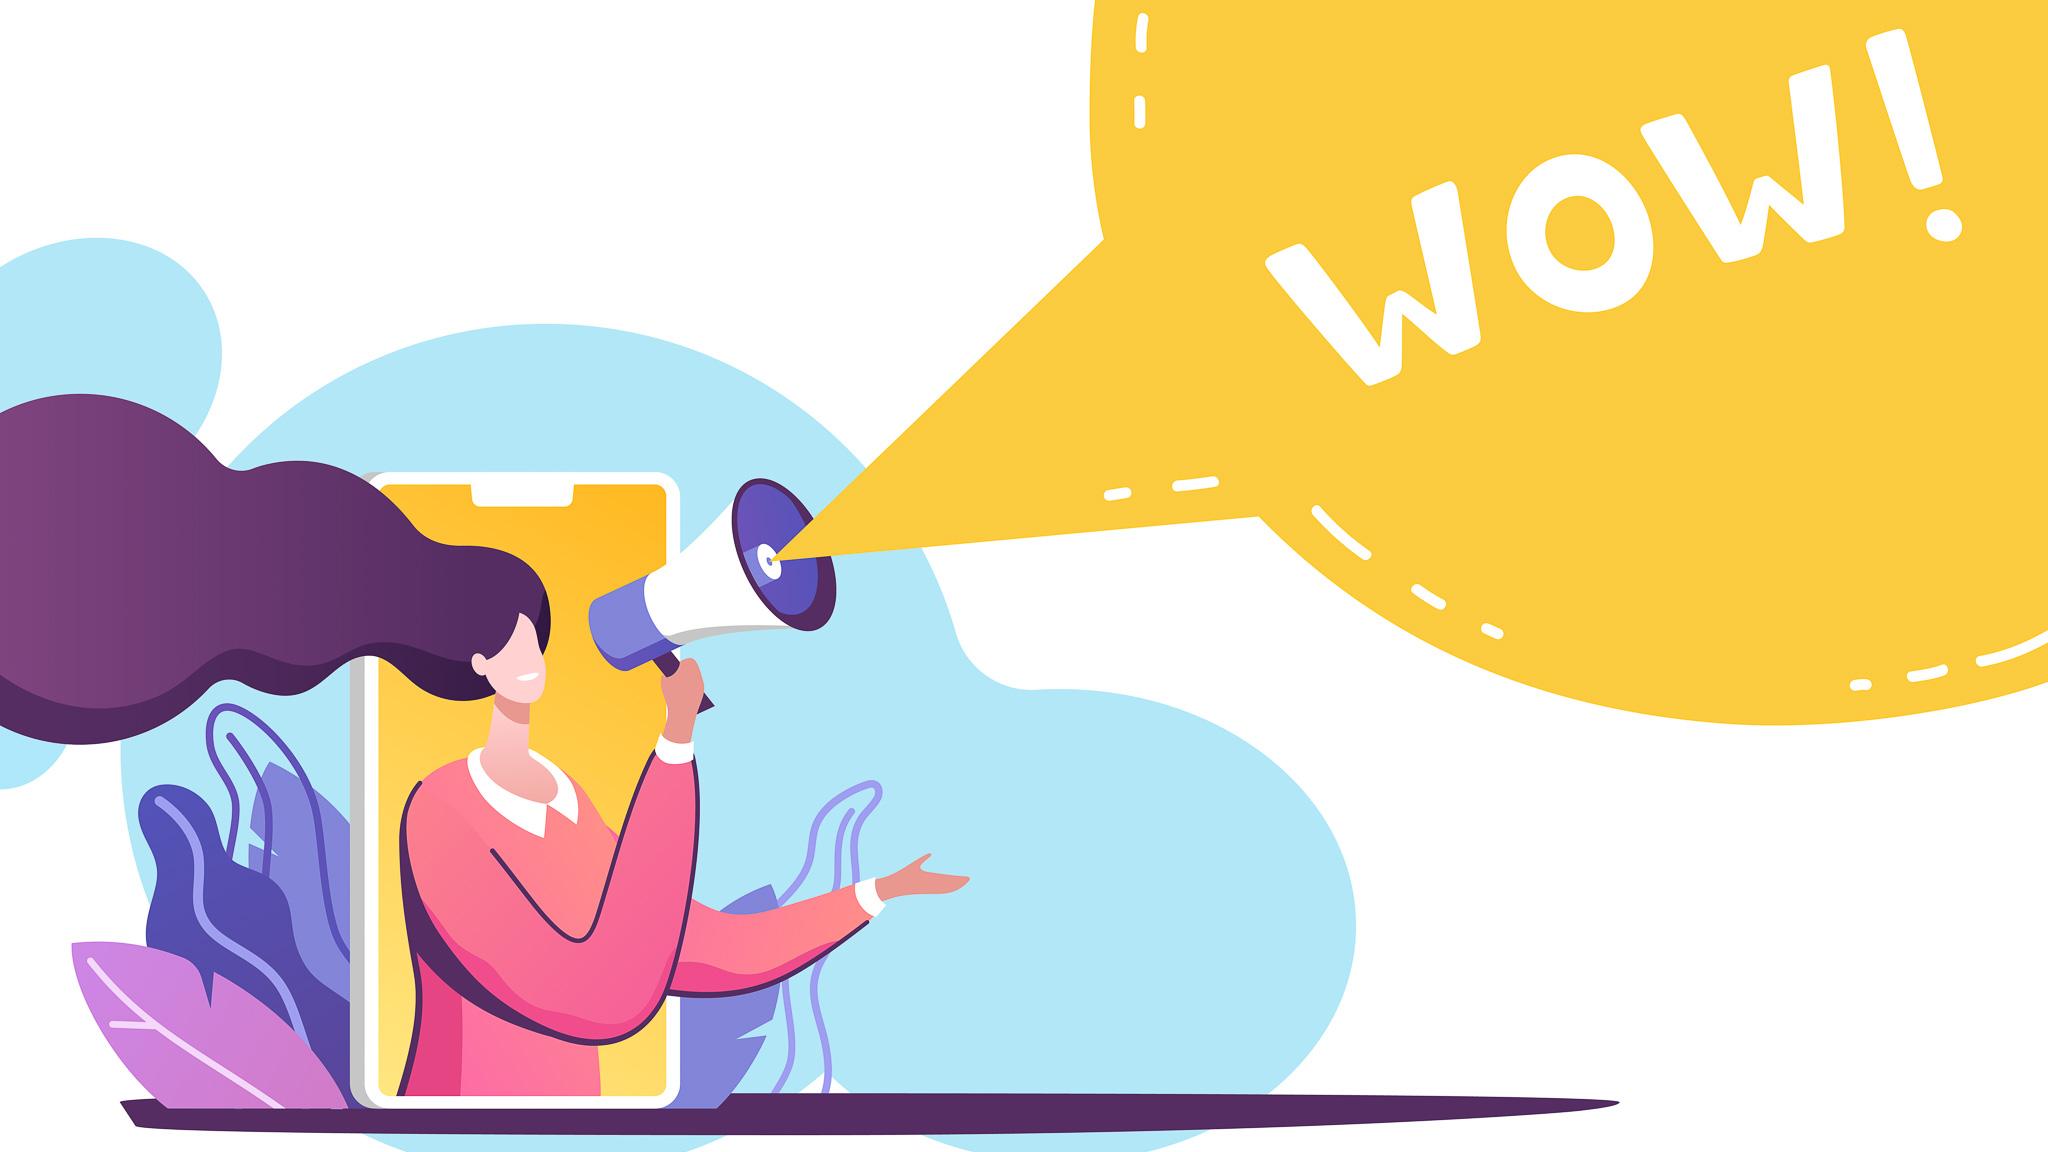 5 trendów marketingowych – Co wpłynie na biznes w 2020? AI MEDIARUN Grafika Kobieta WOW 2020 v1